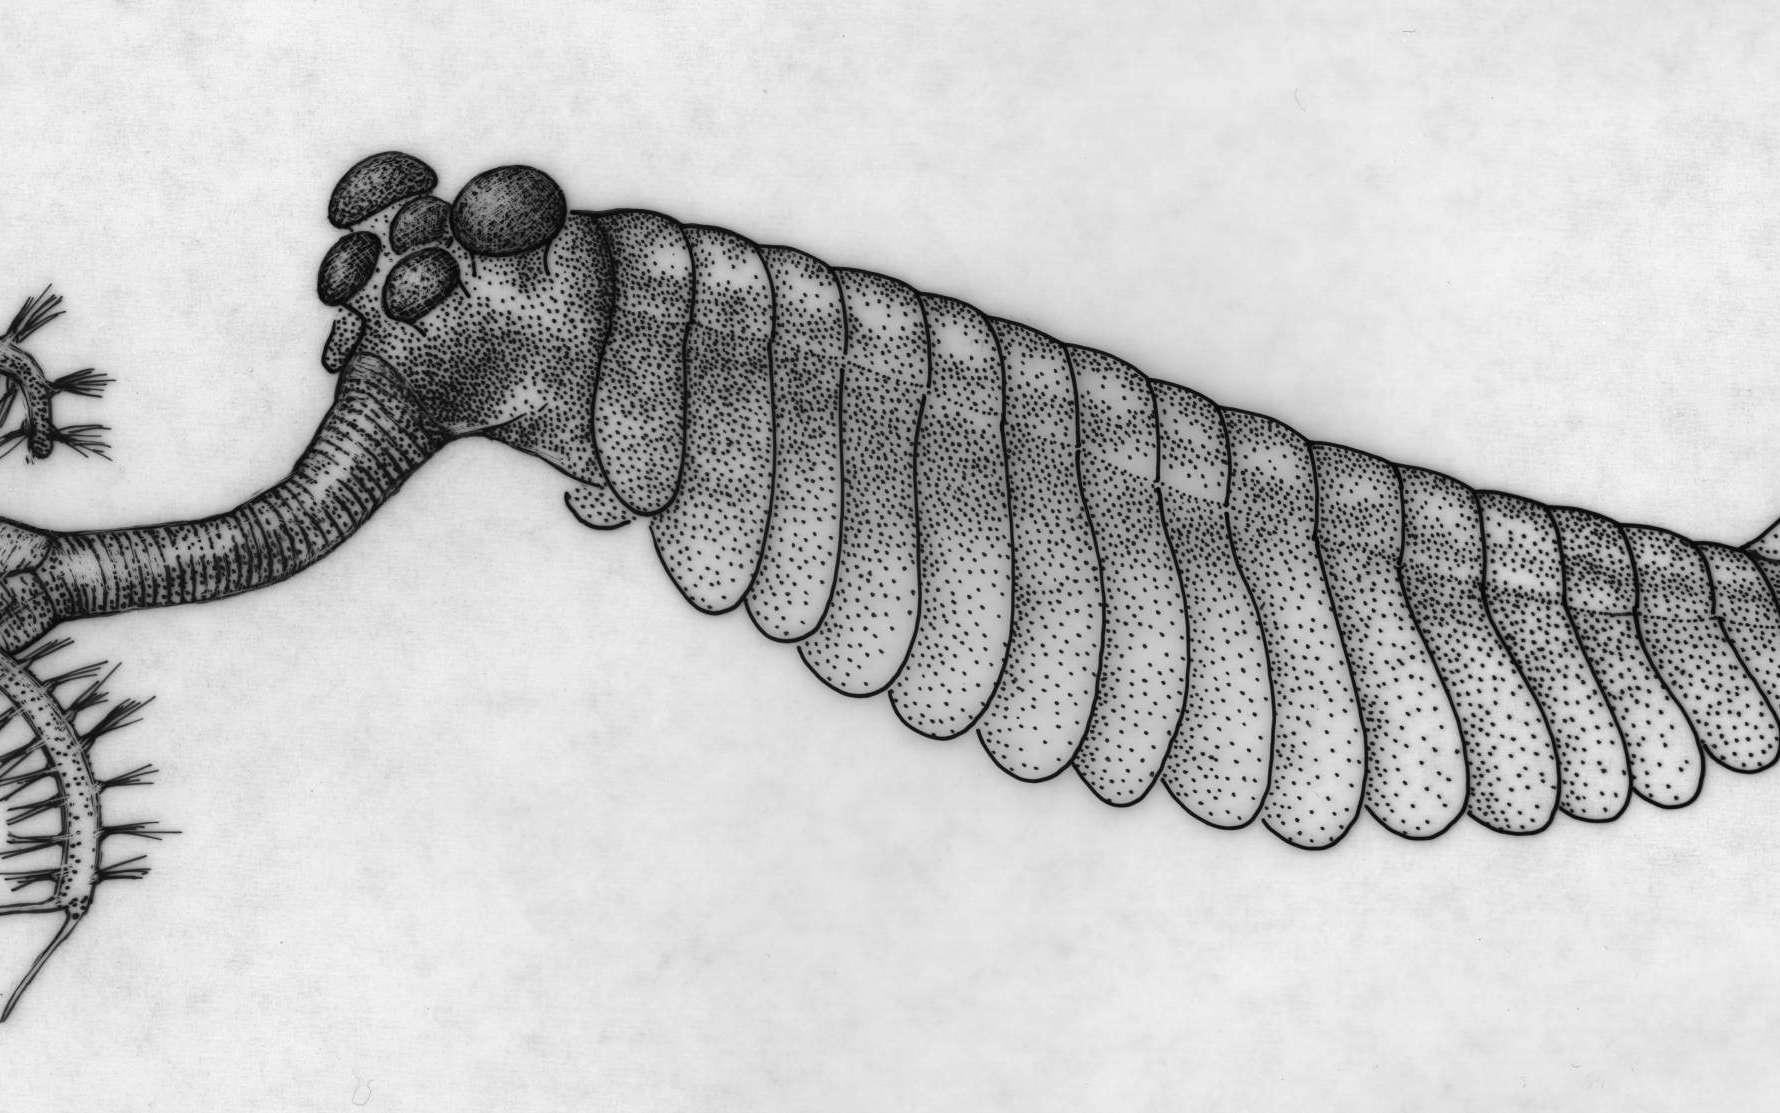 La majorité des espèces découvertes dans les schistes de Burgess, au Canada, n'ont jamais été observées ailleurs. Ces animaux, comme cette Opabinia, ont vécu voici 505 millions d'années. Ce gisement fossilifère a été trouvé par Charles Doolittle Walcott en 1909. © Mary Parrish, The Smithsonian Institution